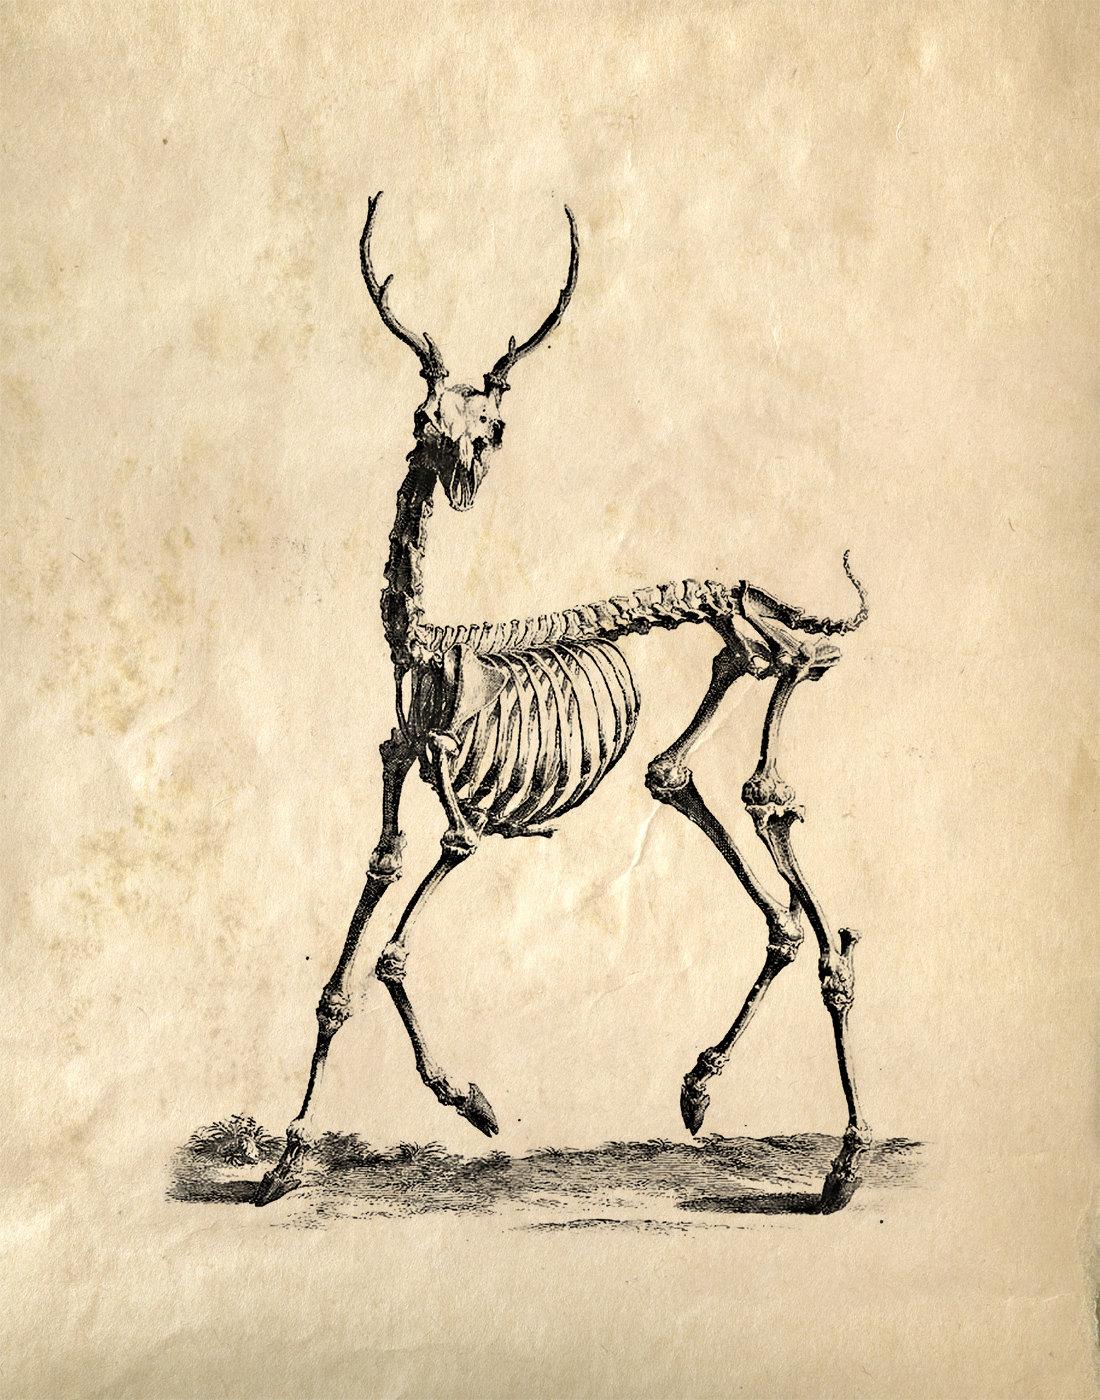 Vintage Science Animal Anatomy Study. Deer Skeleton.